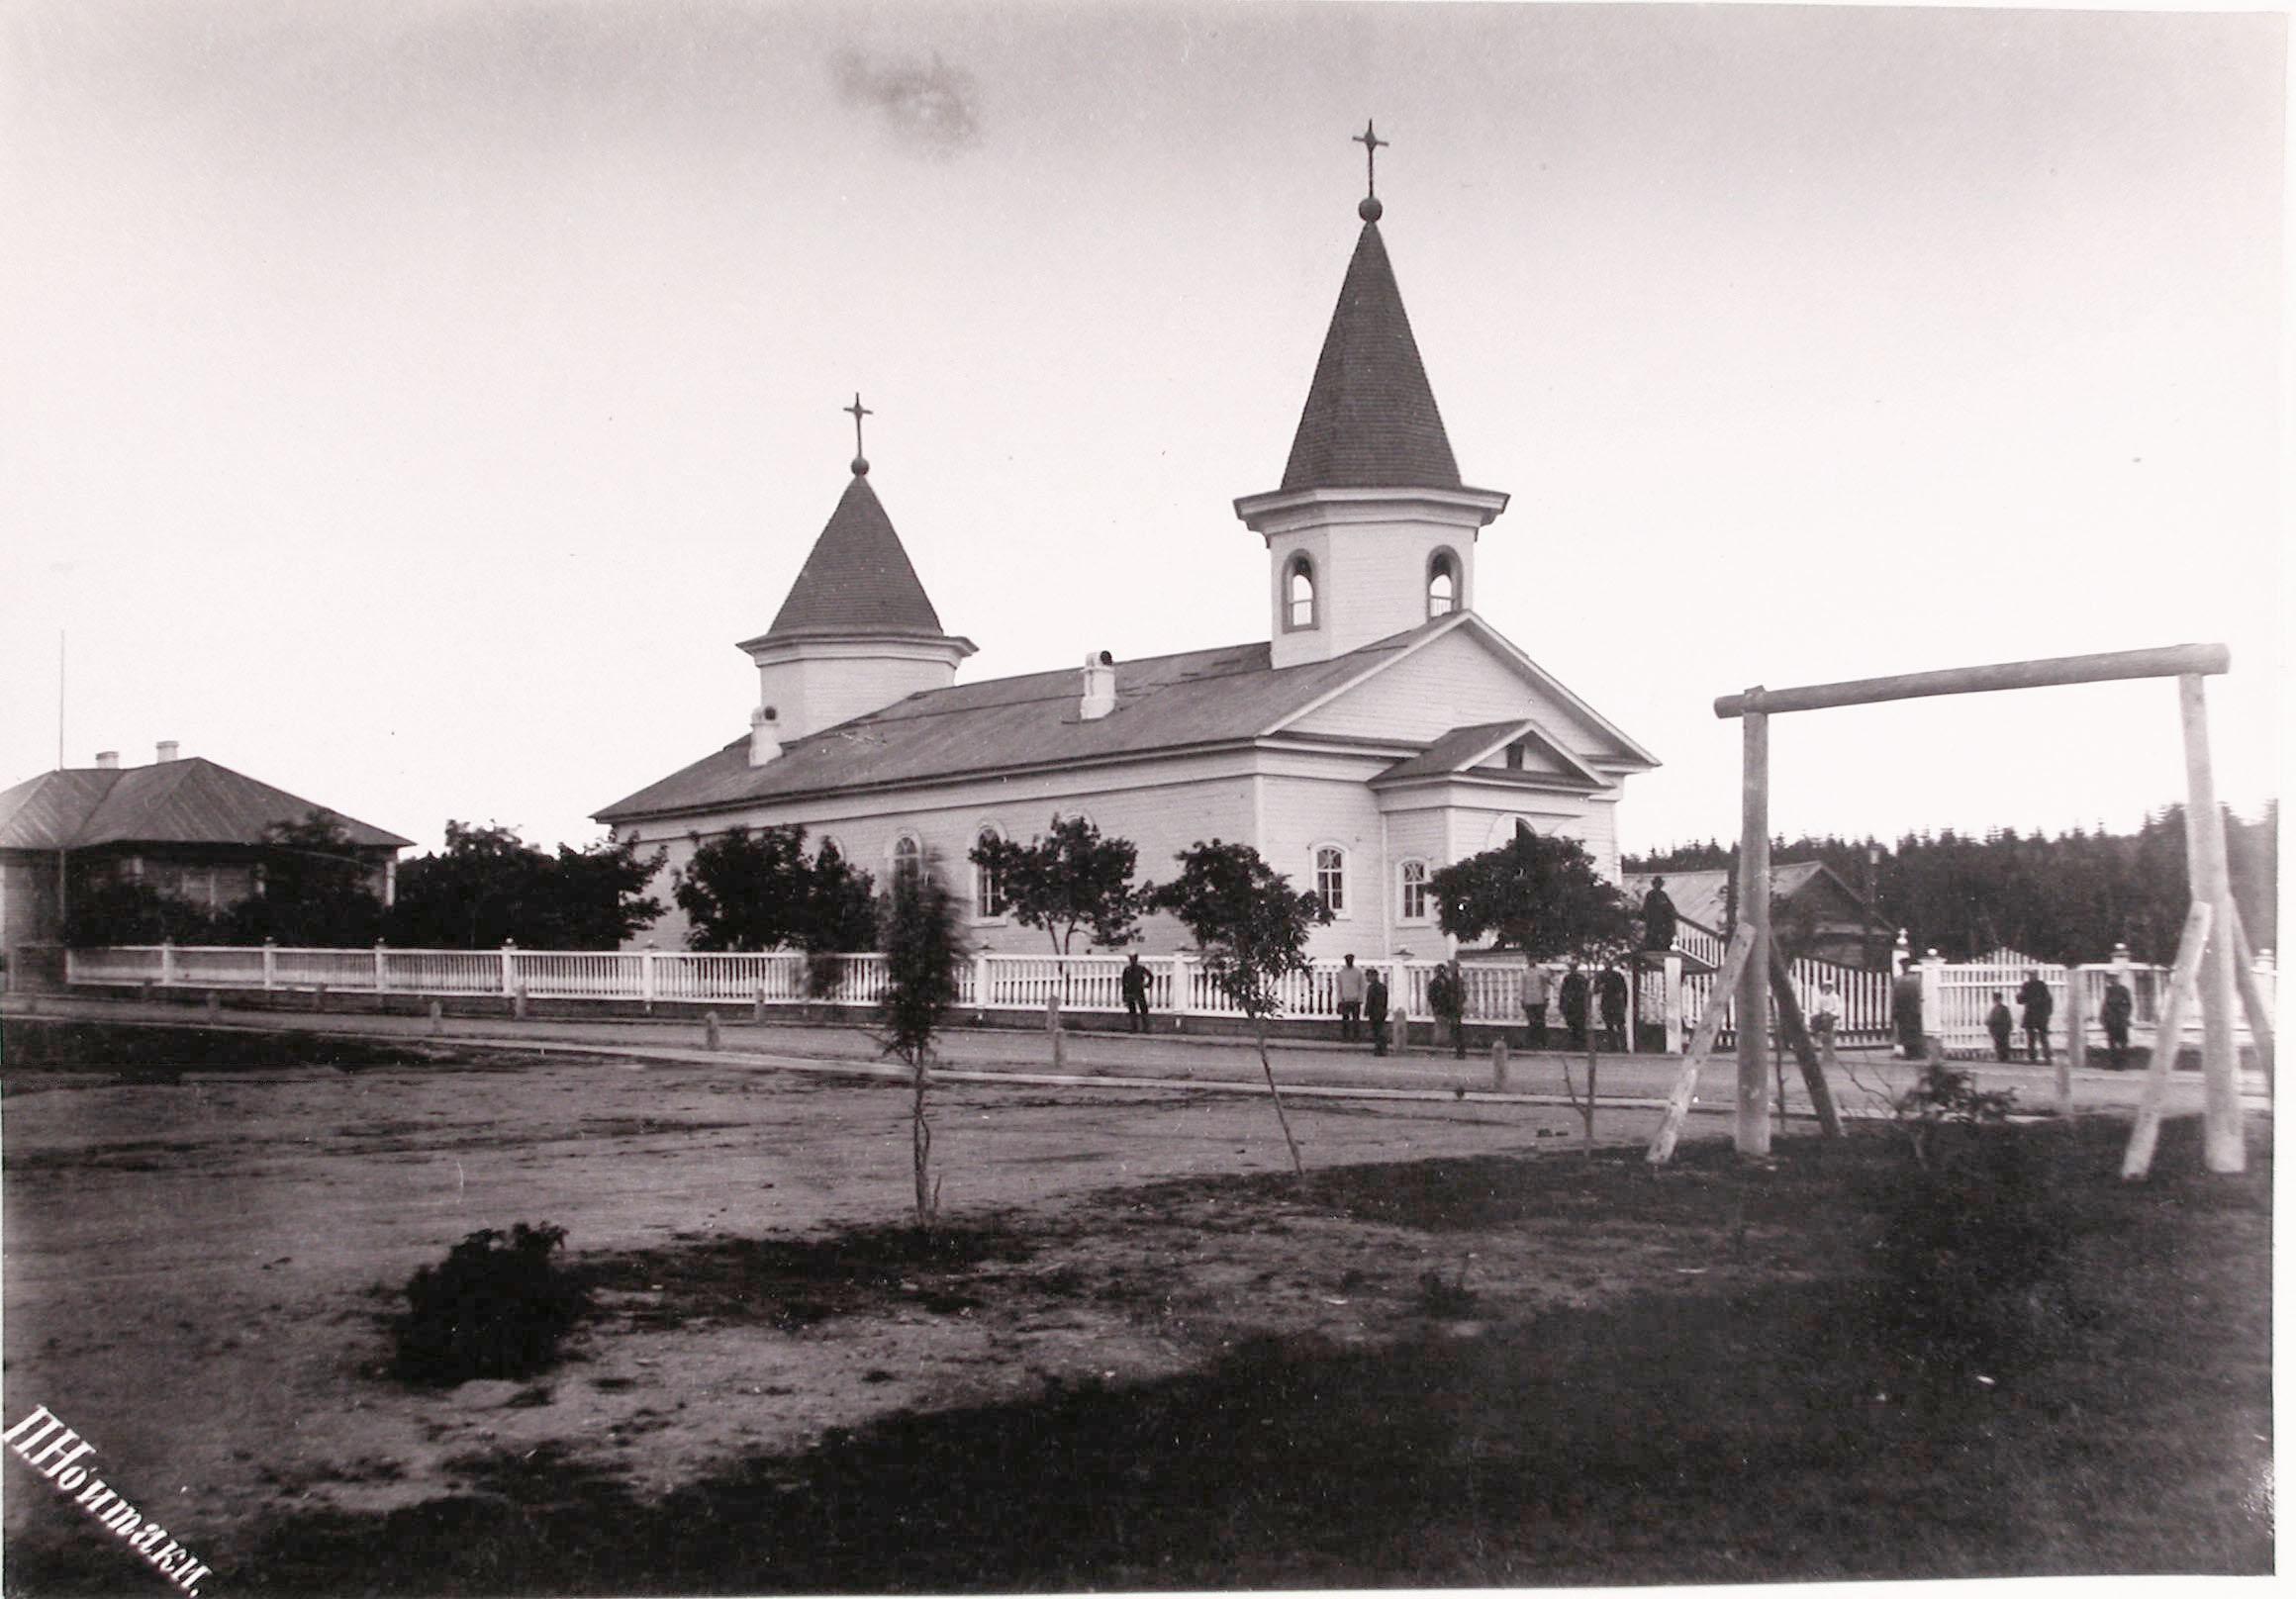 1891. Анивская церковь в честь Святителя Николая Чудотворца в посту Корсаковском.